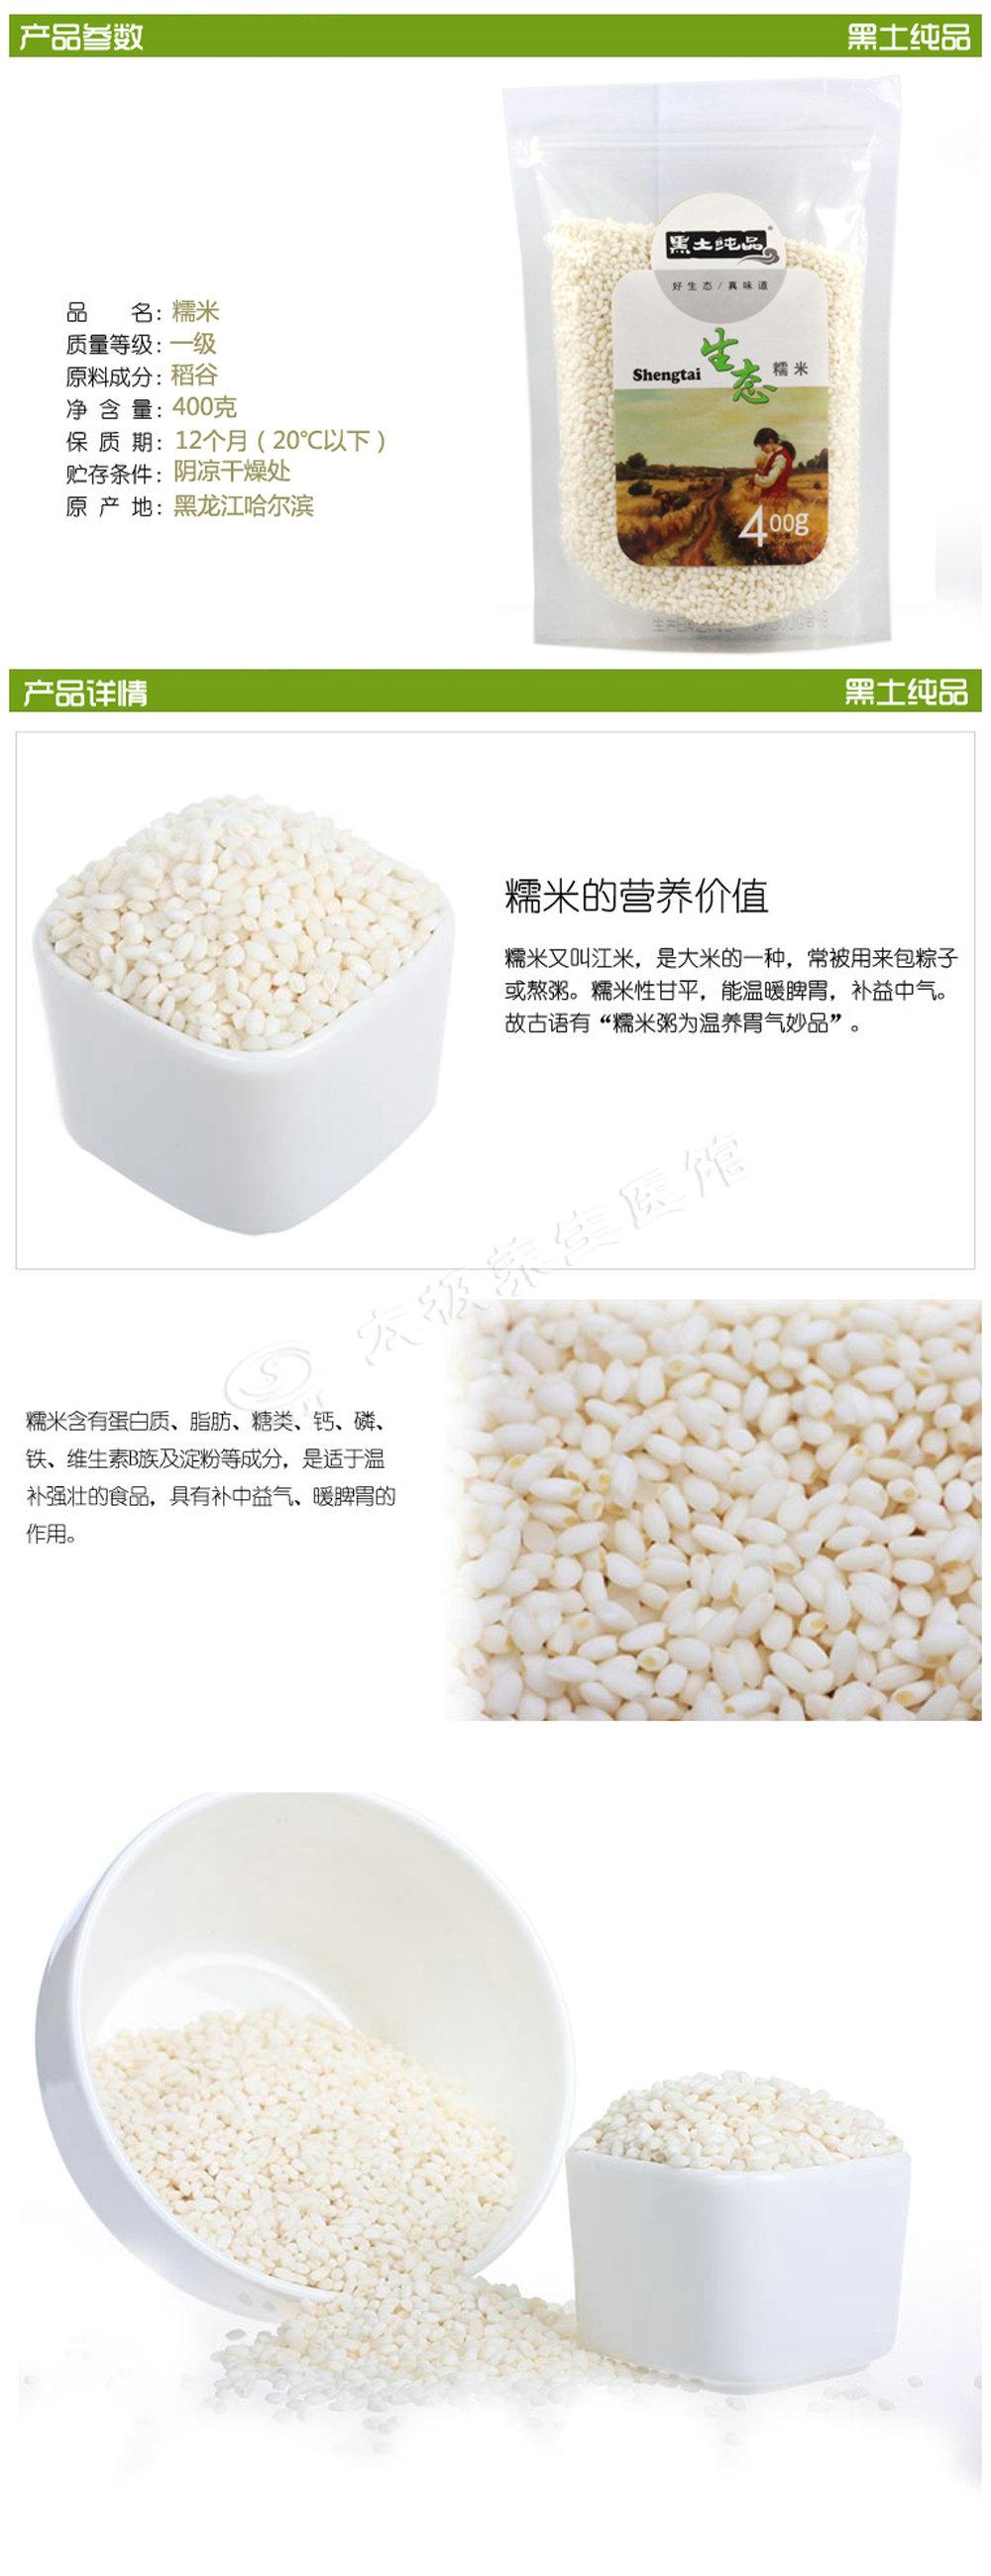 黑土纯品,五常生态糯米,五常,一级好糯米,温暖脾胃,补益中气,400g